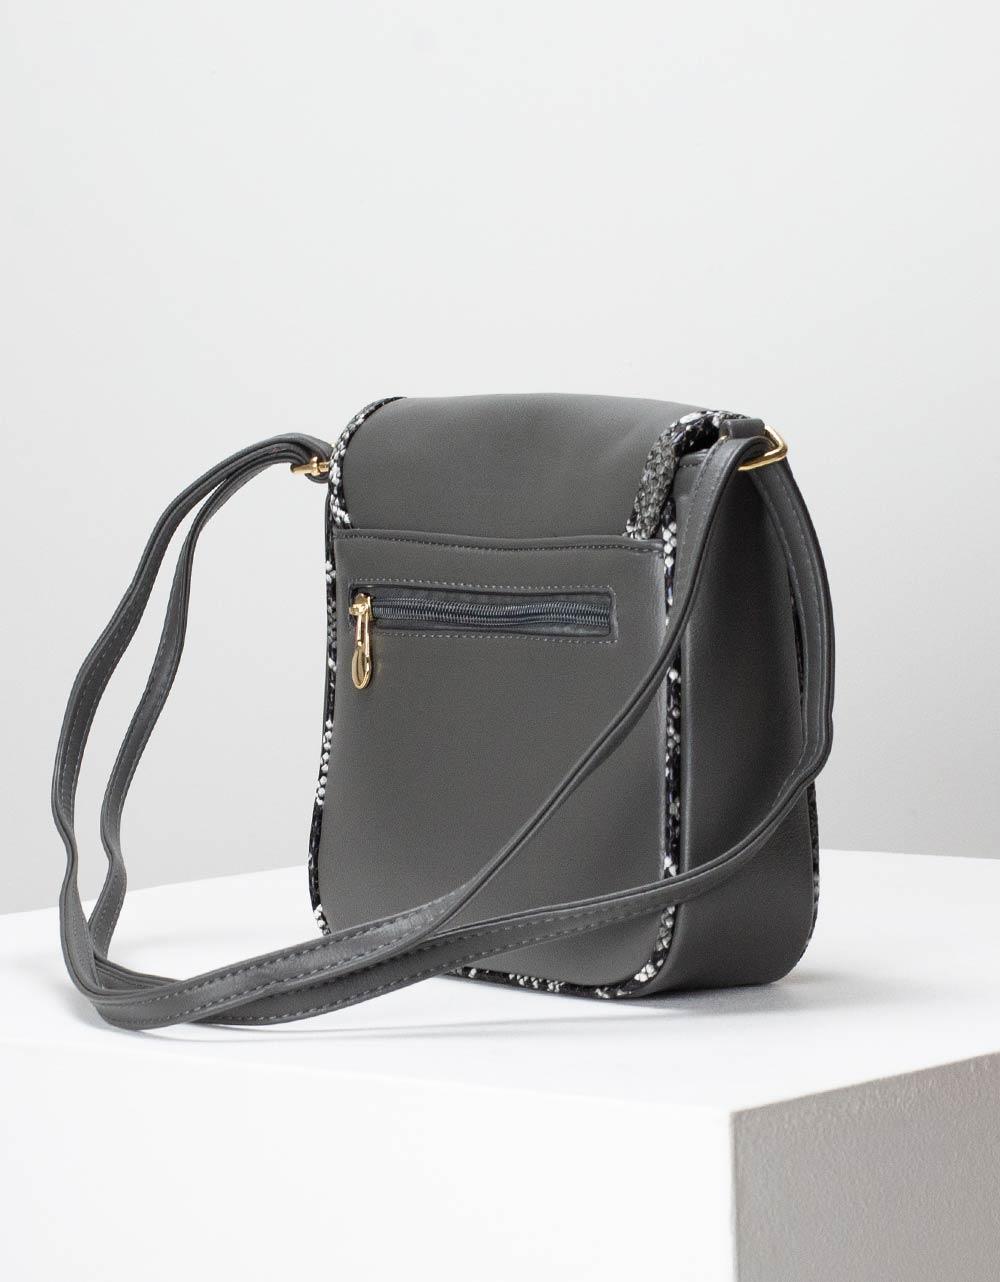 Εικόνα από Γυναικεία τσάντα ώμου με λεπτομέρειες κροκό Γκρι